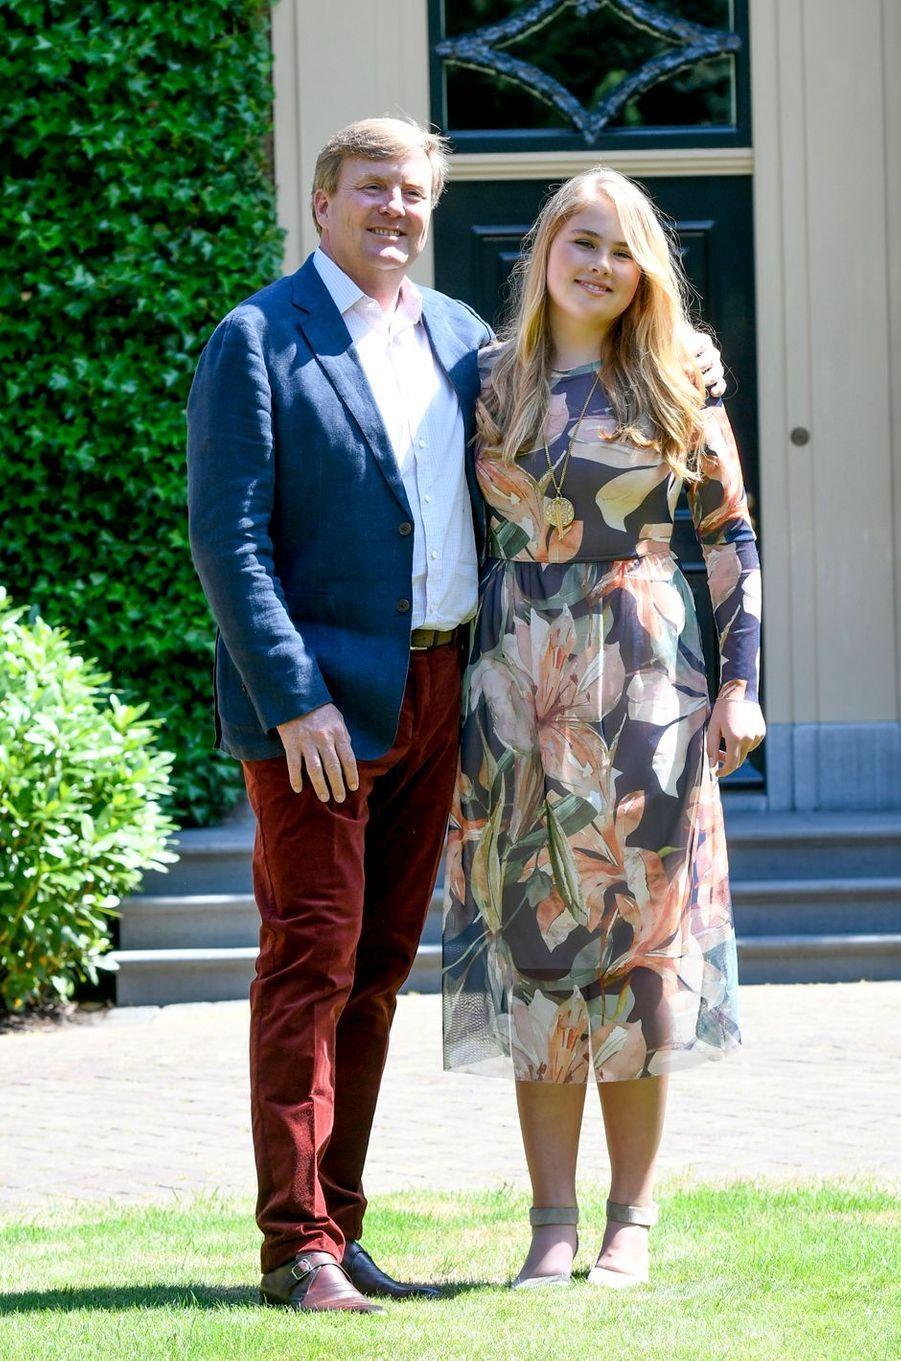 Le roi Willem-Alexander des Pays-Bas et sa fille aînée et héritière la princesse Catharina-Amalia à Wassenaar, le 13 juillet 2018